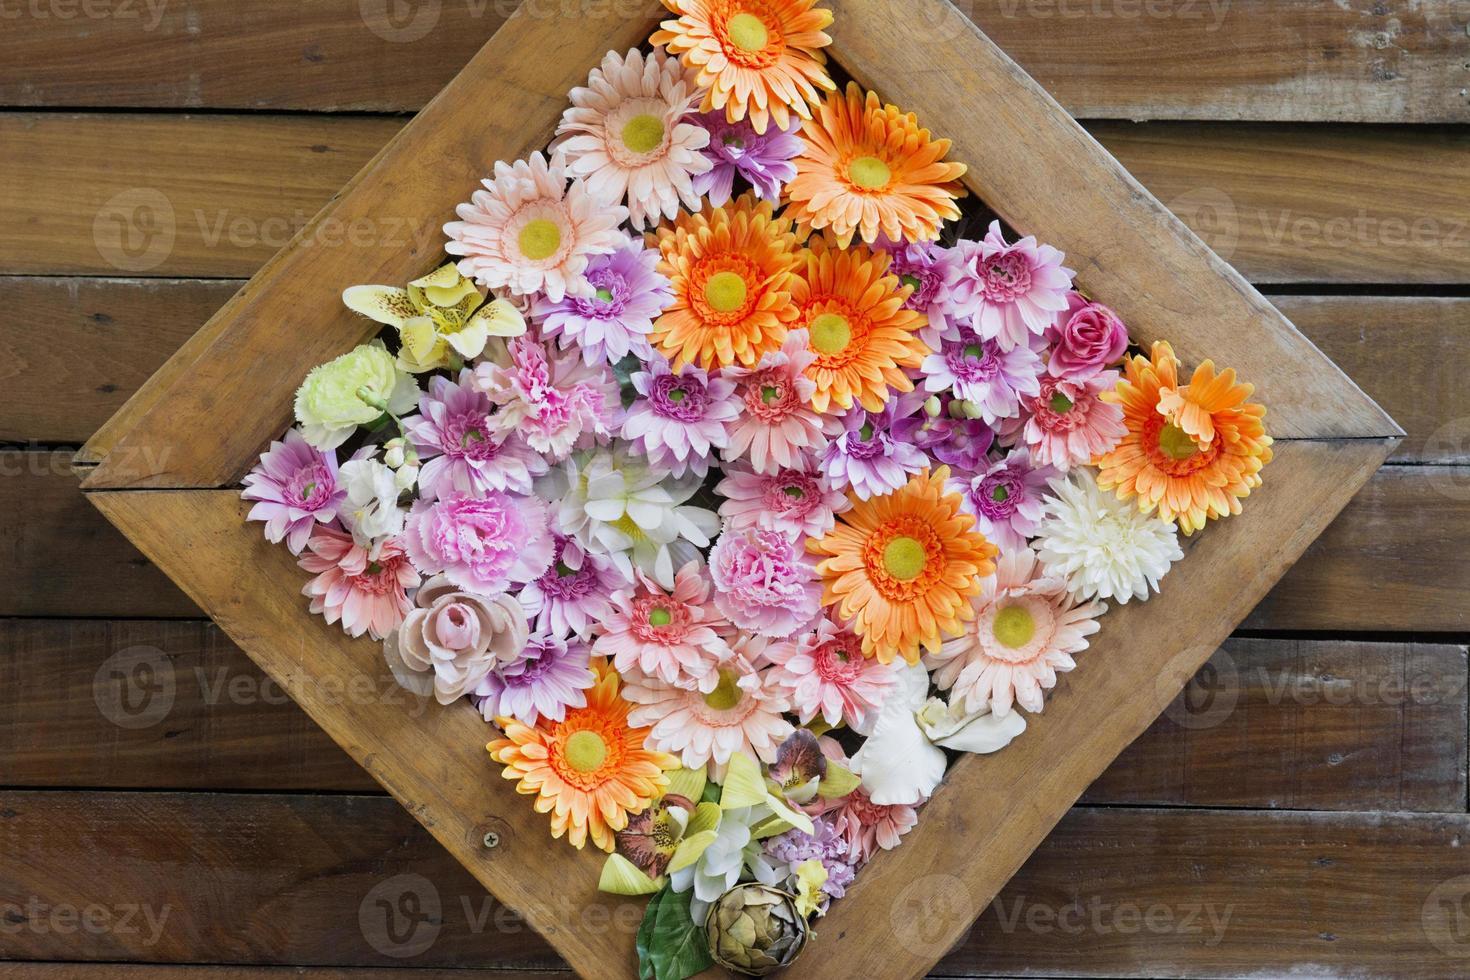 veel bloemen mooi bij elkaar gehouden foto